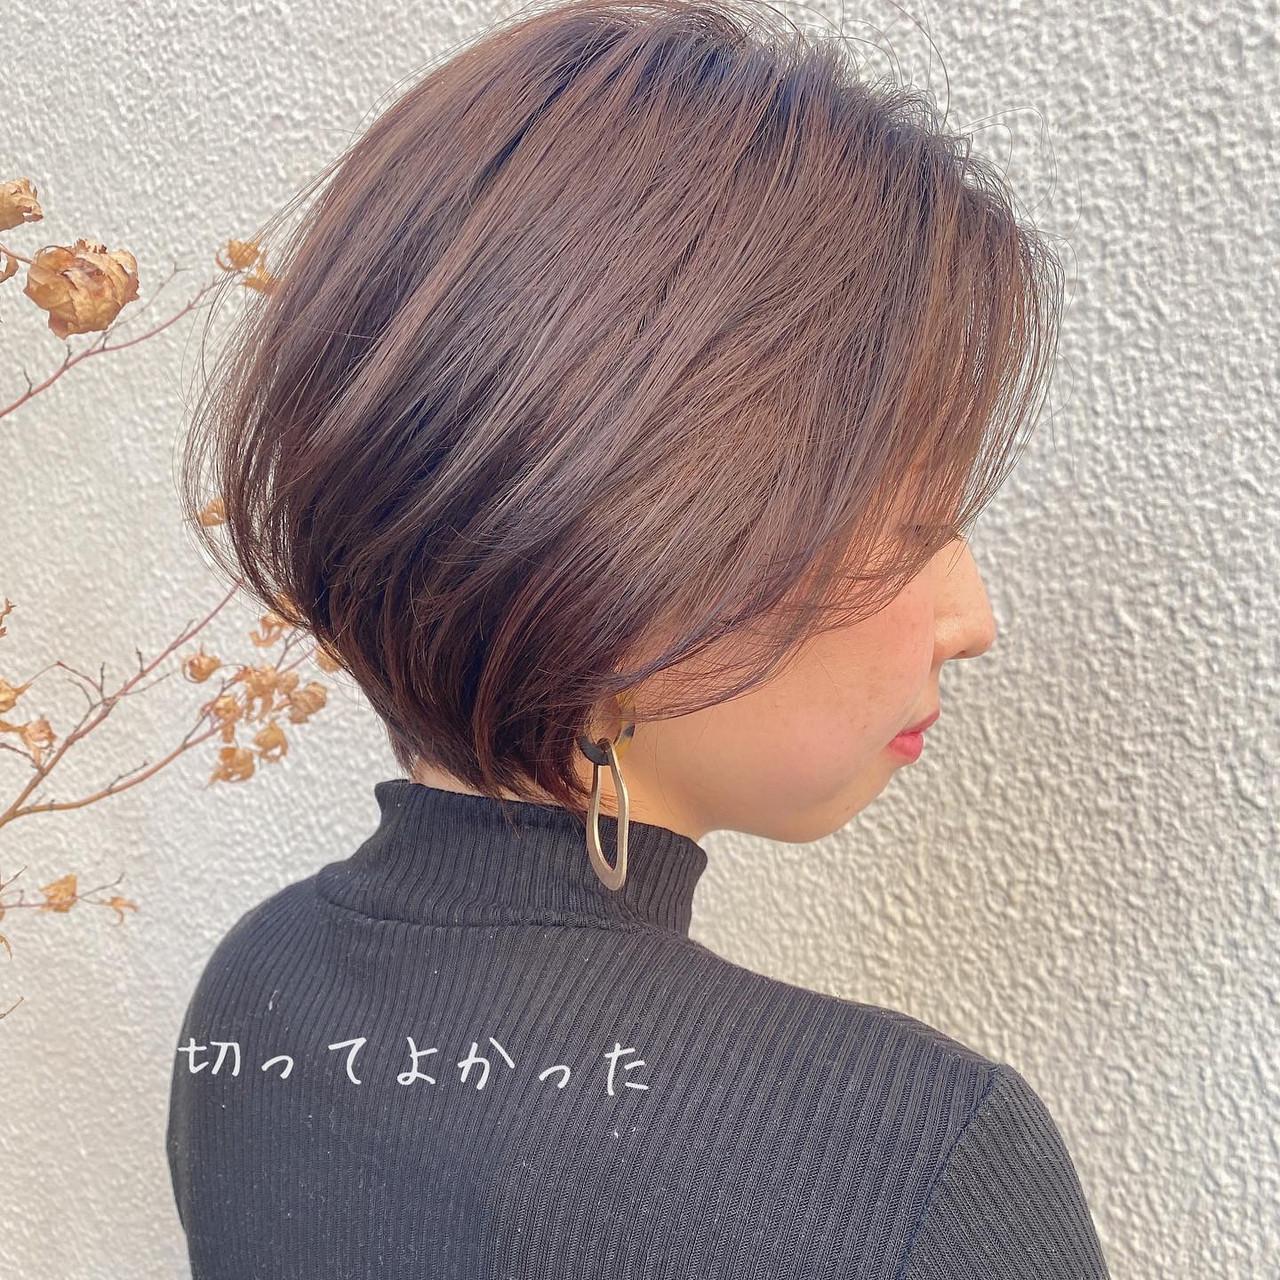 マッシュボブが似合う顔の特徴とは|丸顔や面長におすすめの髪型10選